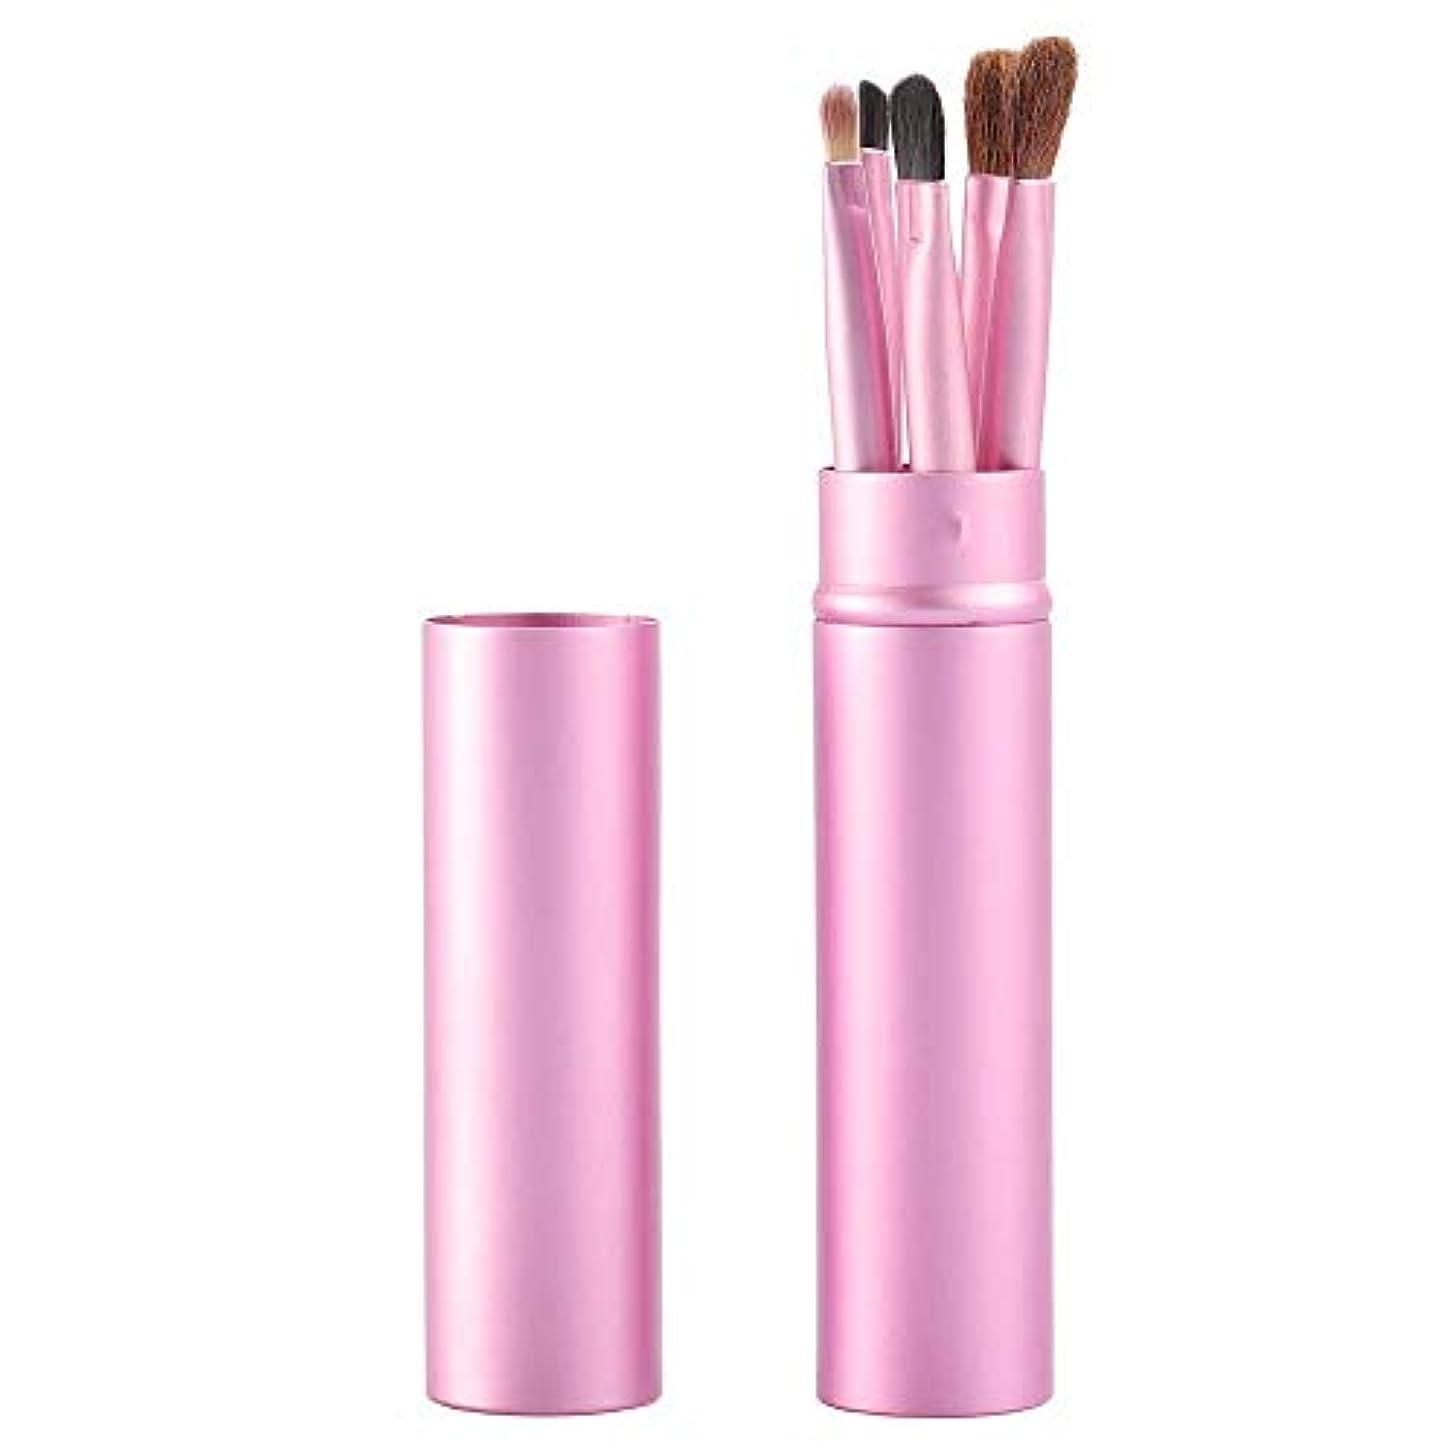 受動的通り静かにMakeup brushes ピンク、アイメイクブラシセットブラシ5アイブラシ化粧ペン美容化粧道具で保護チューブ保護 suits (Color : Pink Blue)